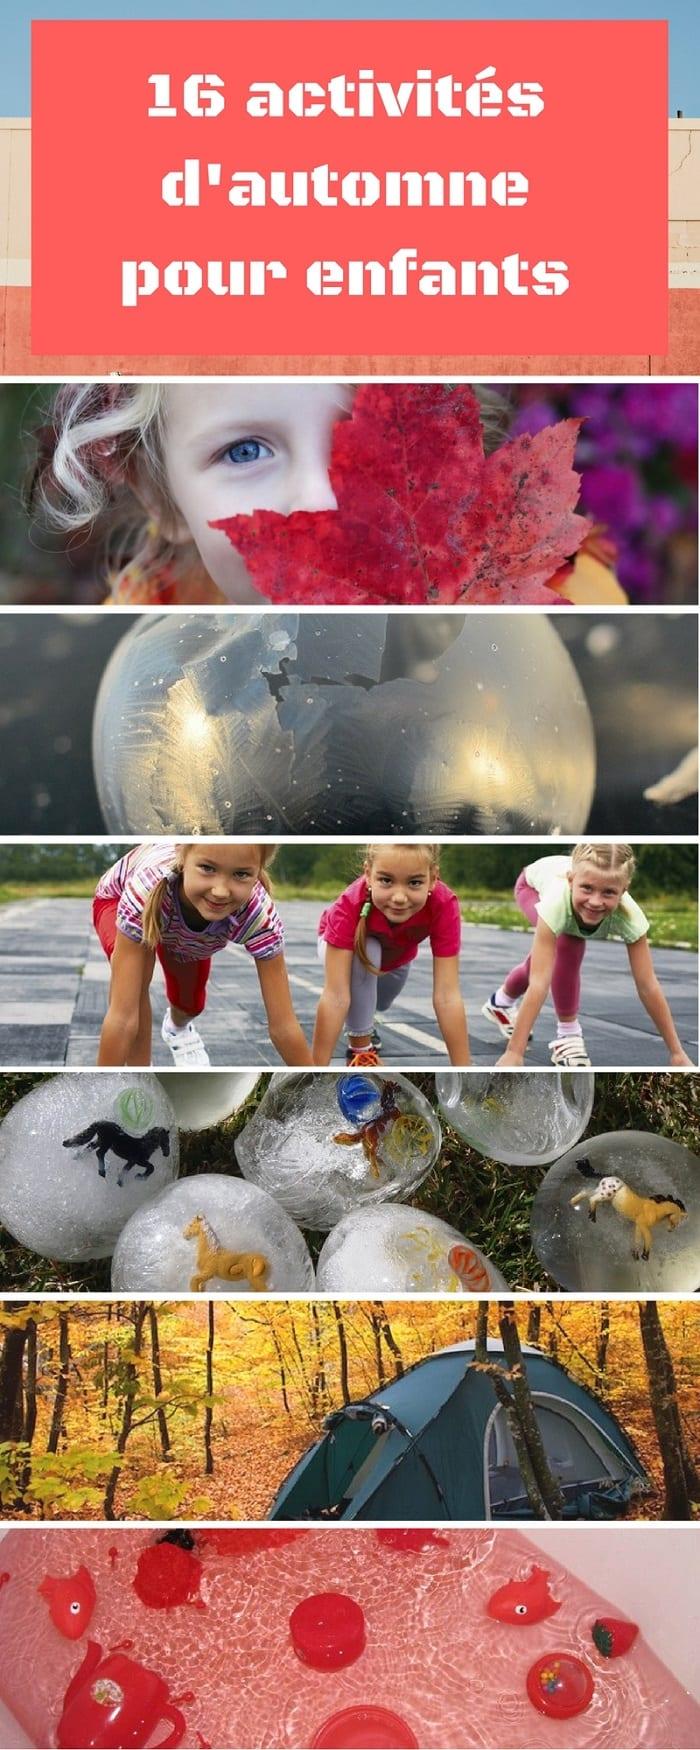 16 activités d'automne pour enfants à moins de 10$, Blogue Marginale et Heureuse